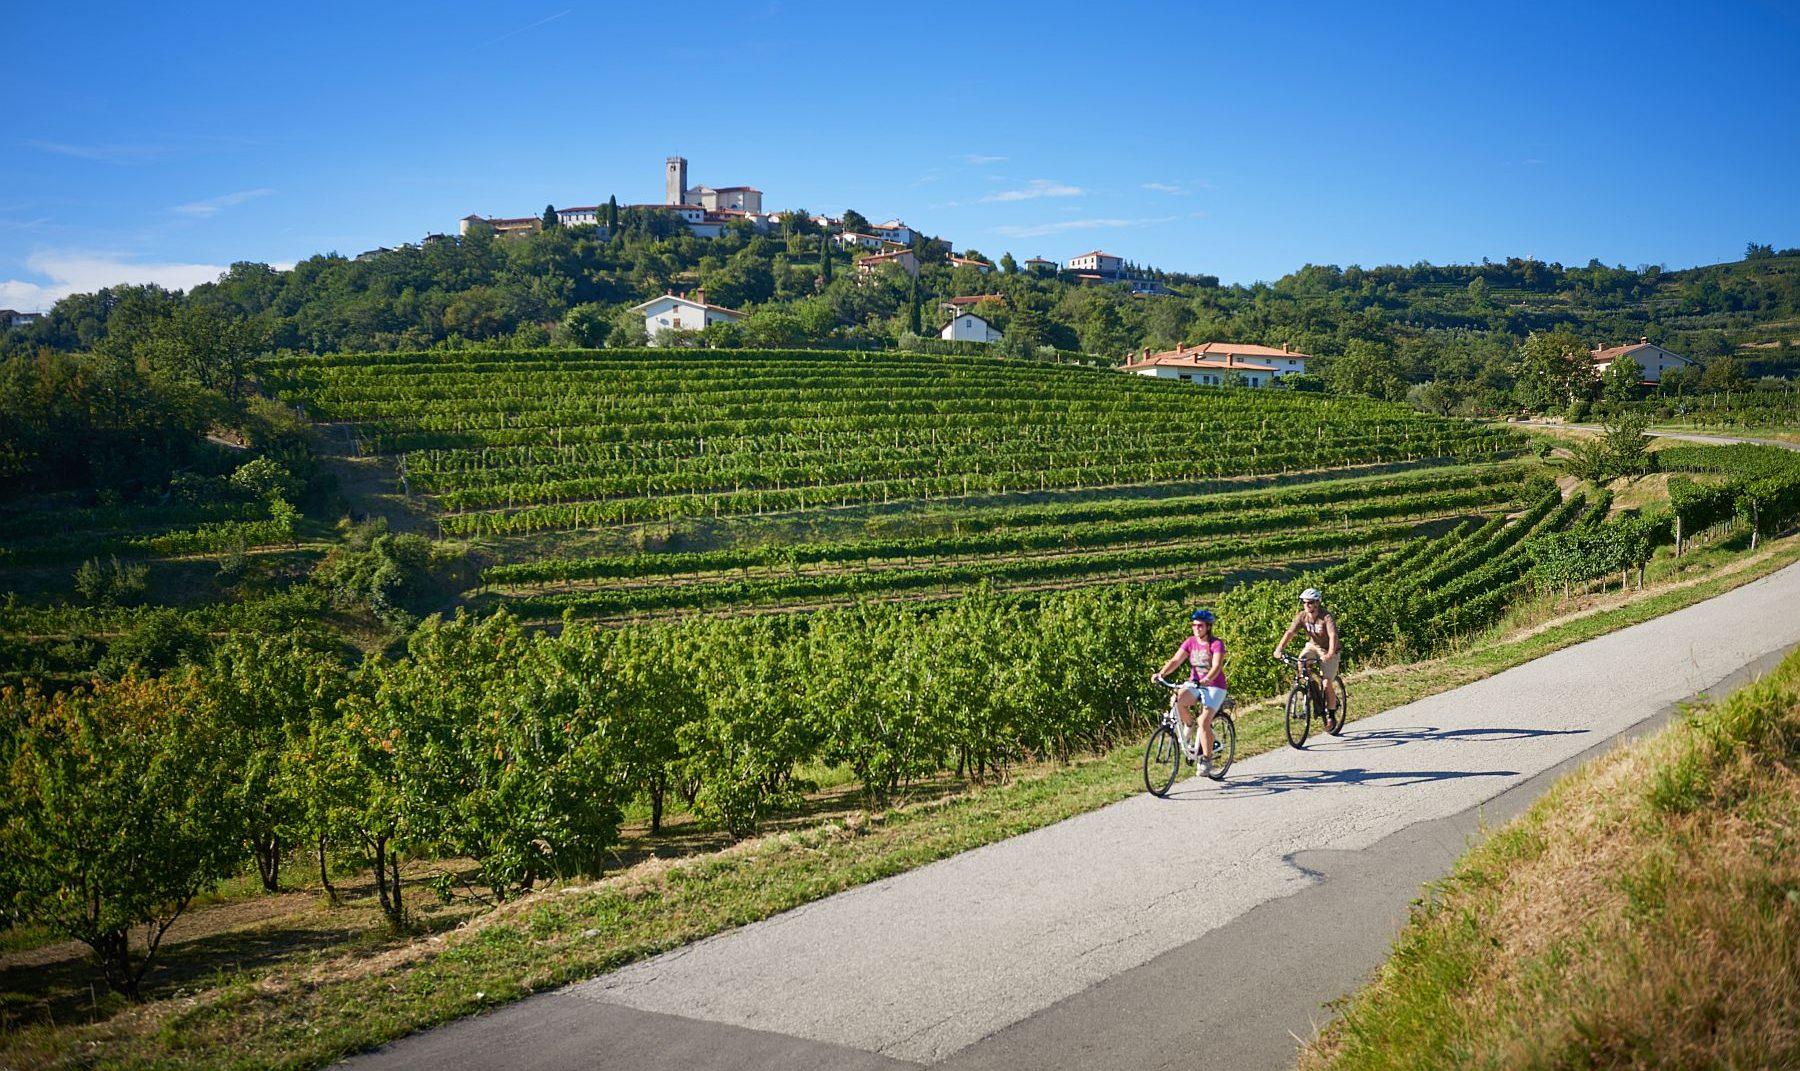 Kaksi pyöräilijää kapealla maalaistiellä. Taustalla viiniviljelmiä ja korkealla kukkulalla sijaitseva kylä.